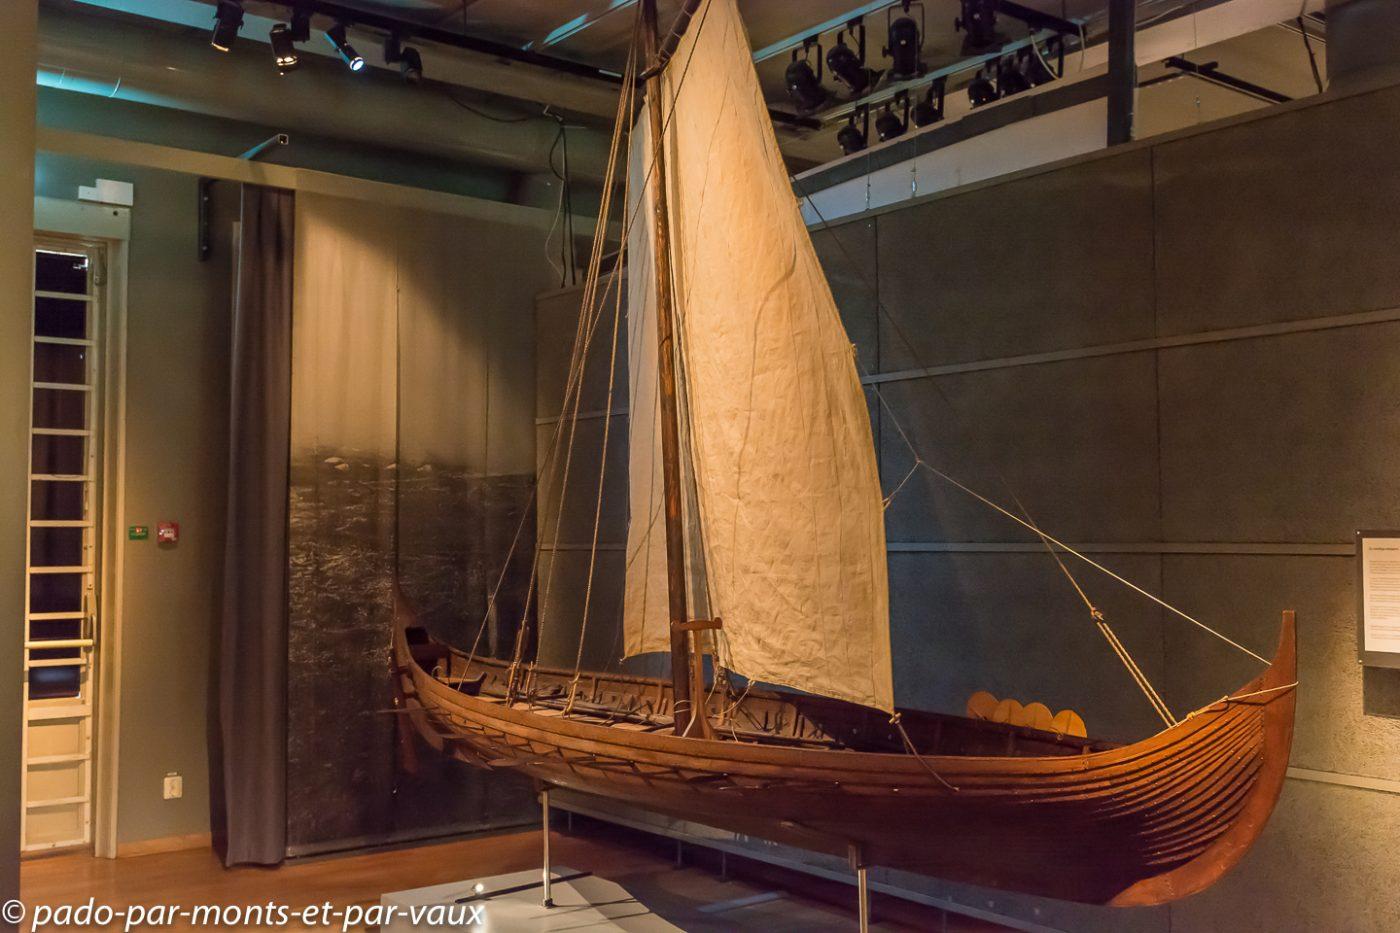 Stockholm - Musée historique